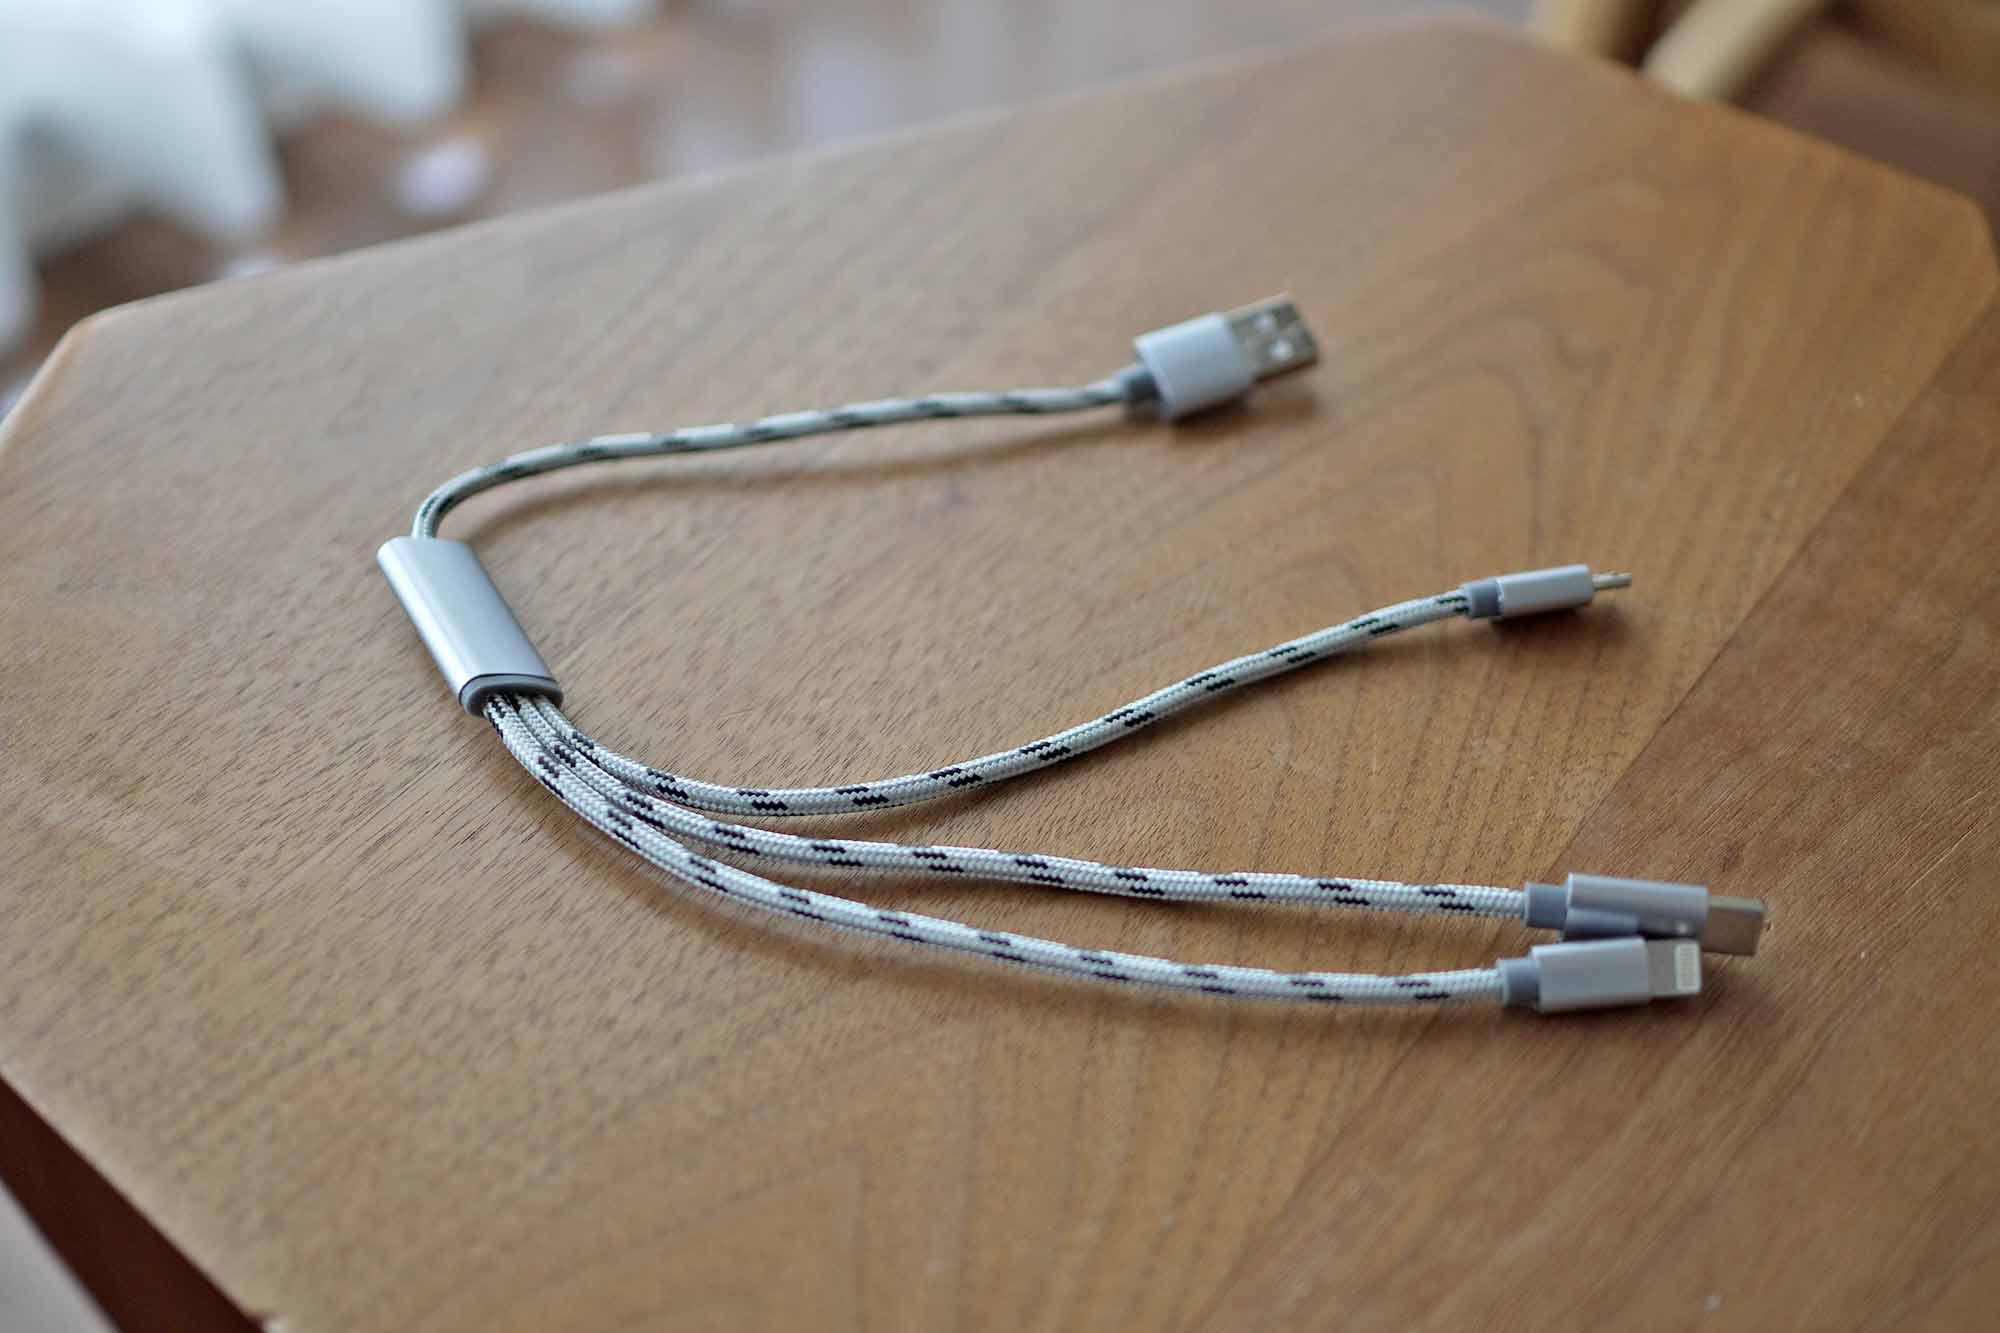 充電ケーブル,USB-C,microUSB,ライトニング,3in1,コンパクト,短い,軽い,安い